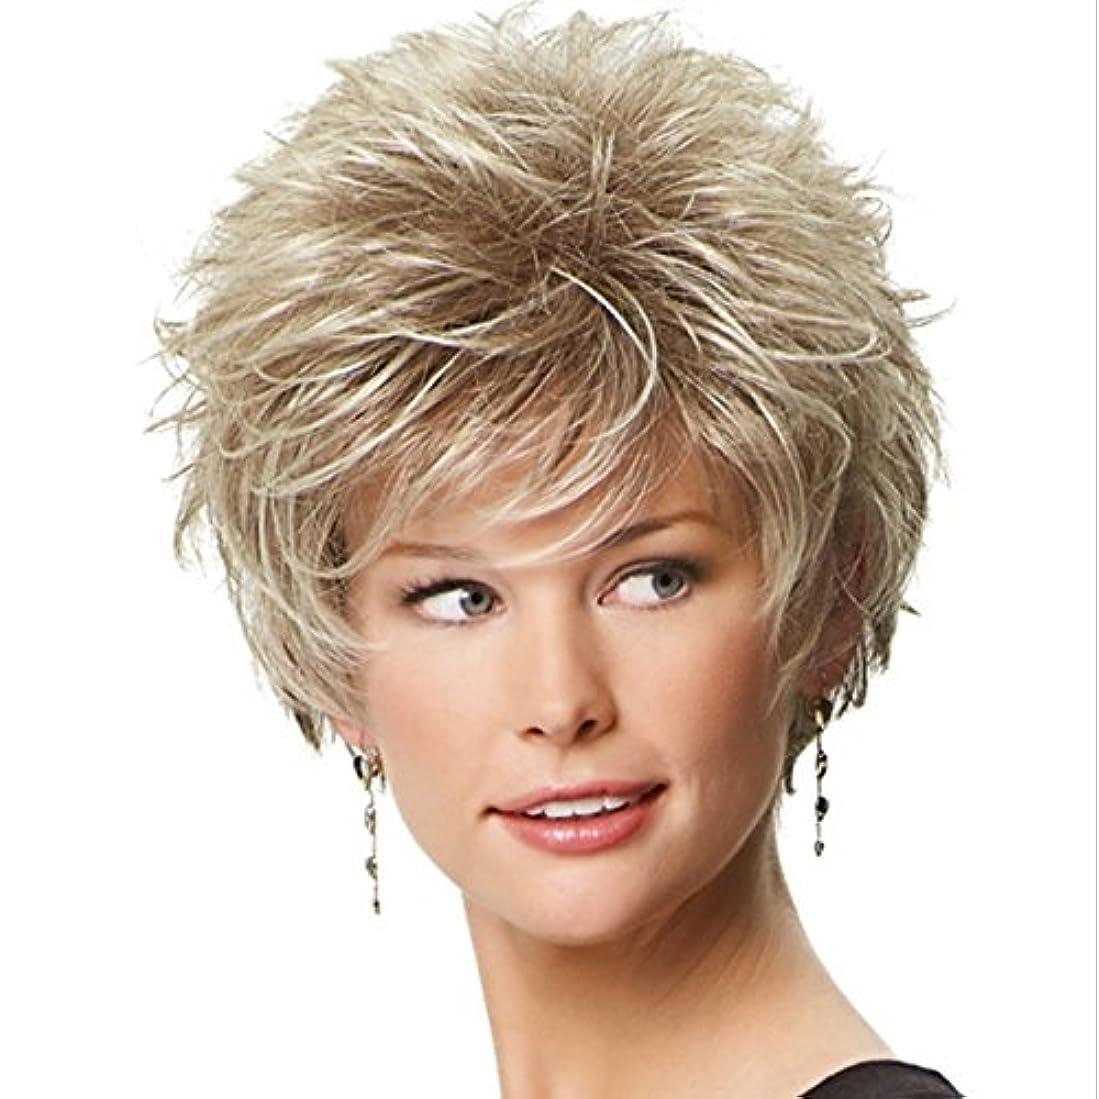 緊張する機械的求人JIANFU 女性のための優雅なかつらエアーフラットバンズウィッグとショートカーリーヘアー女性のための耐熱性のあるふわふわウィッグ10inch / 11inch(灰色がかった白、金色) (Color : Golden)